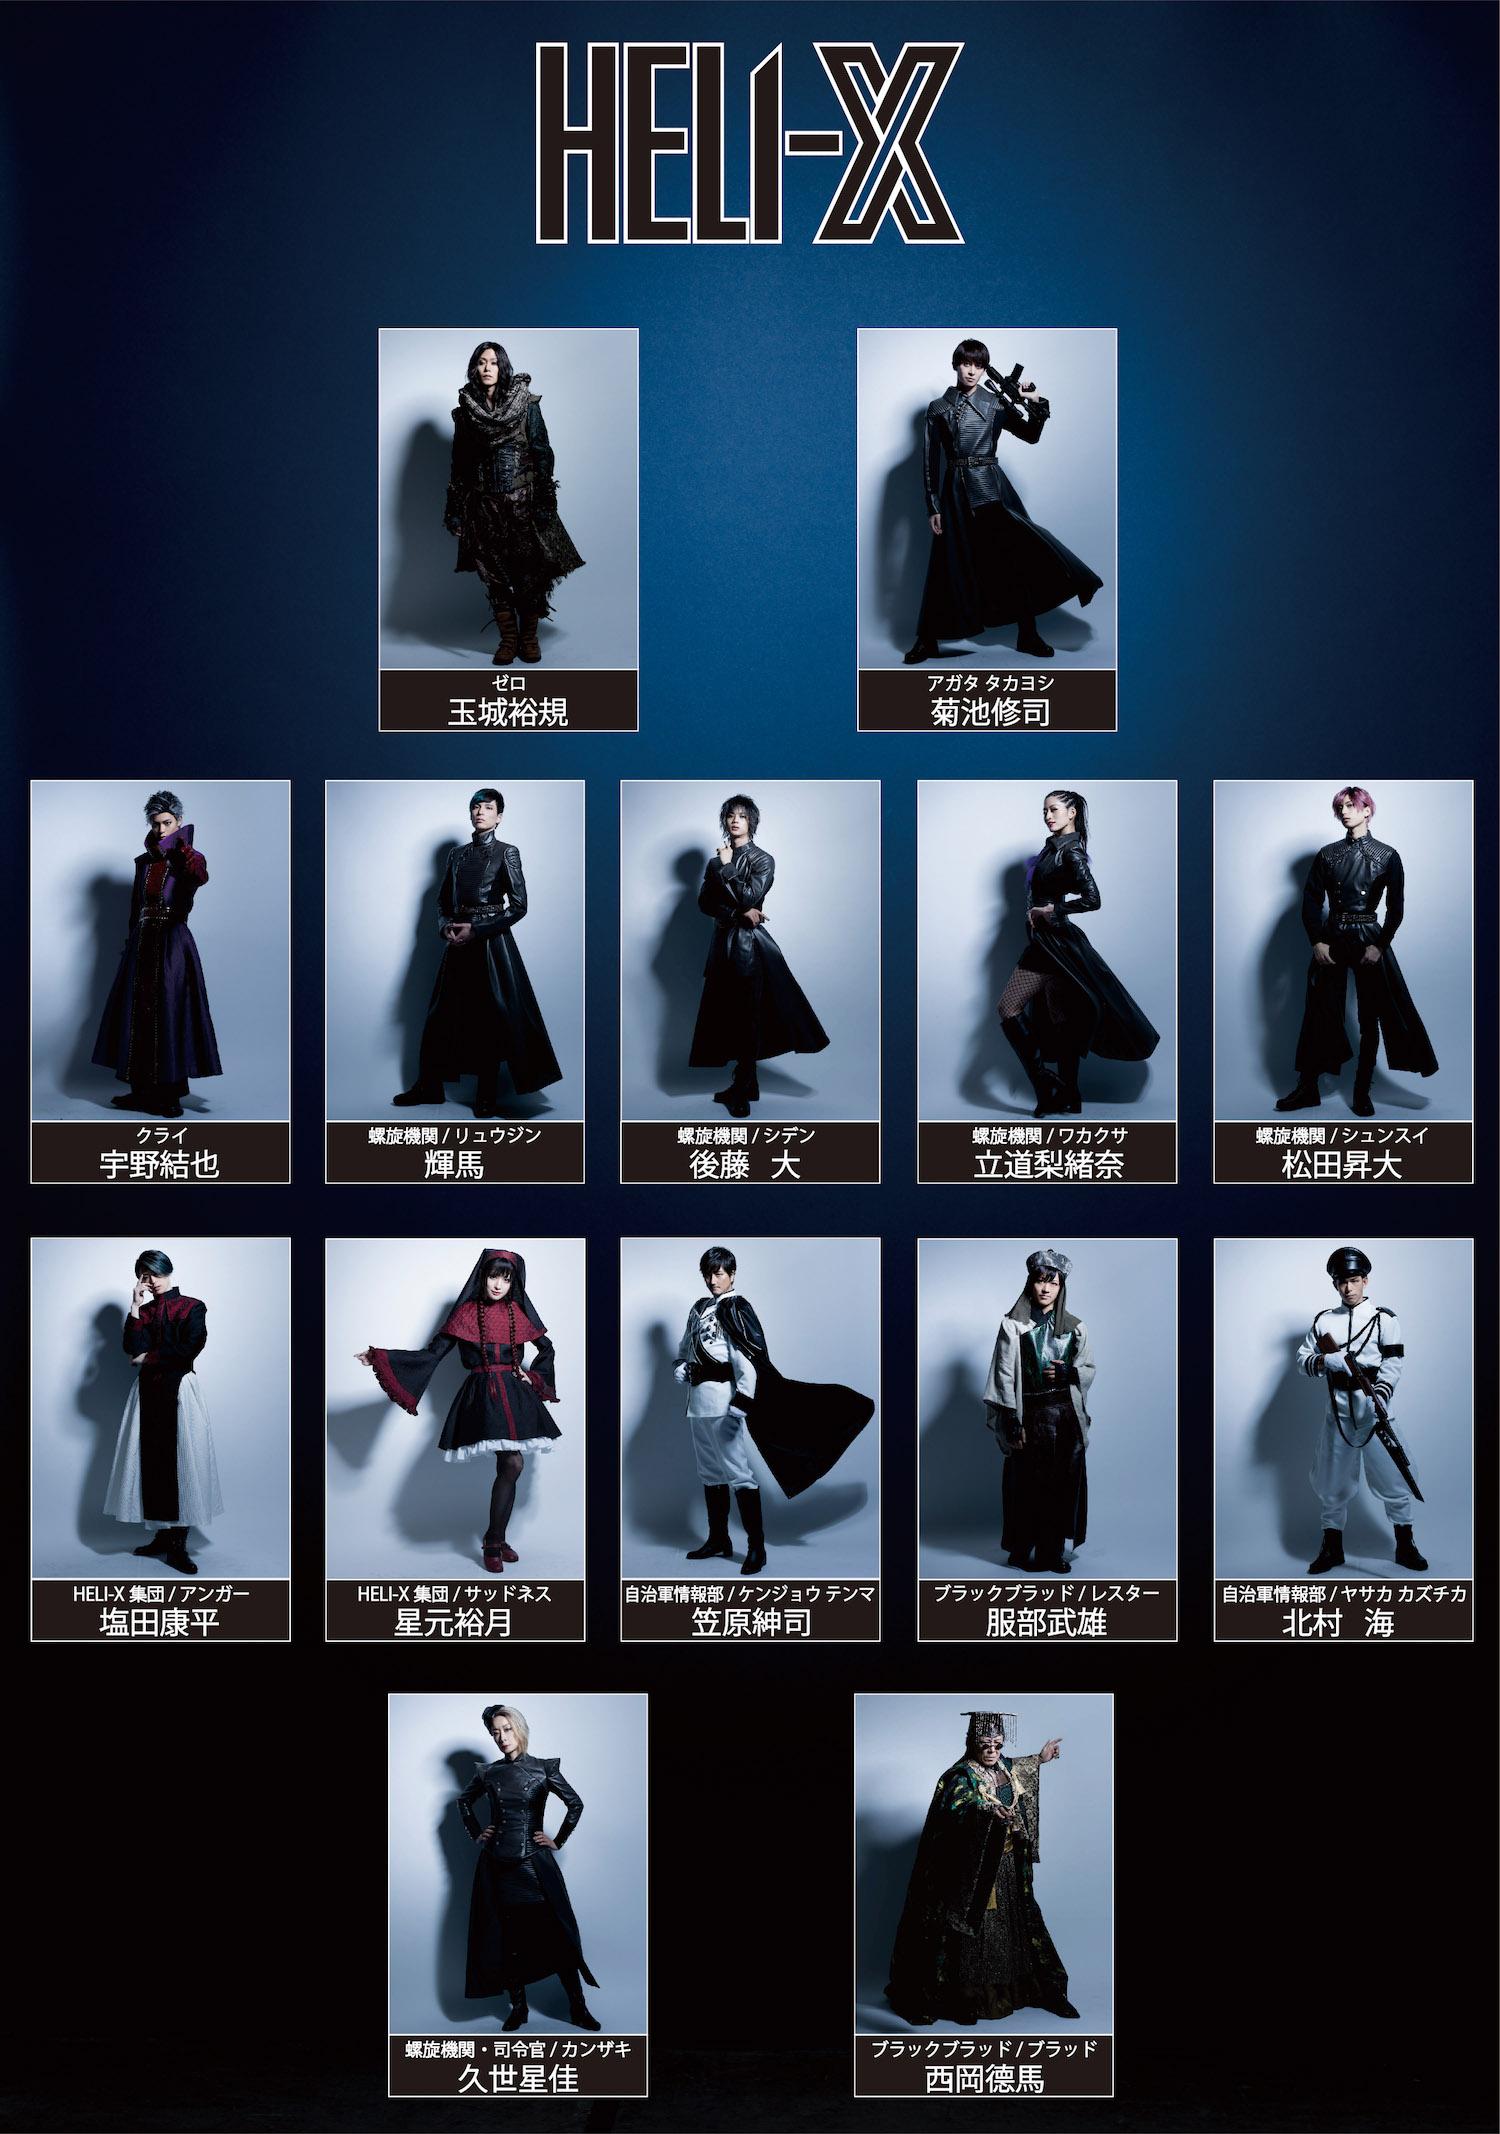 舞台「HELI-X」 玉城裕規、菊池修司ら総勢14人のソロビジュアル解禁 イメージ画像